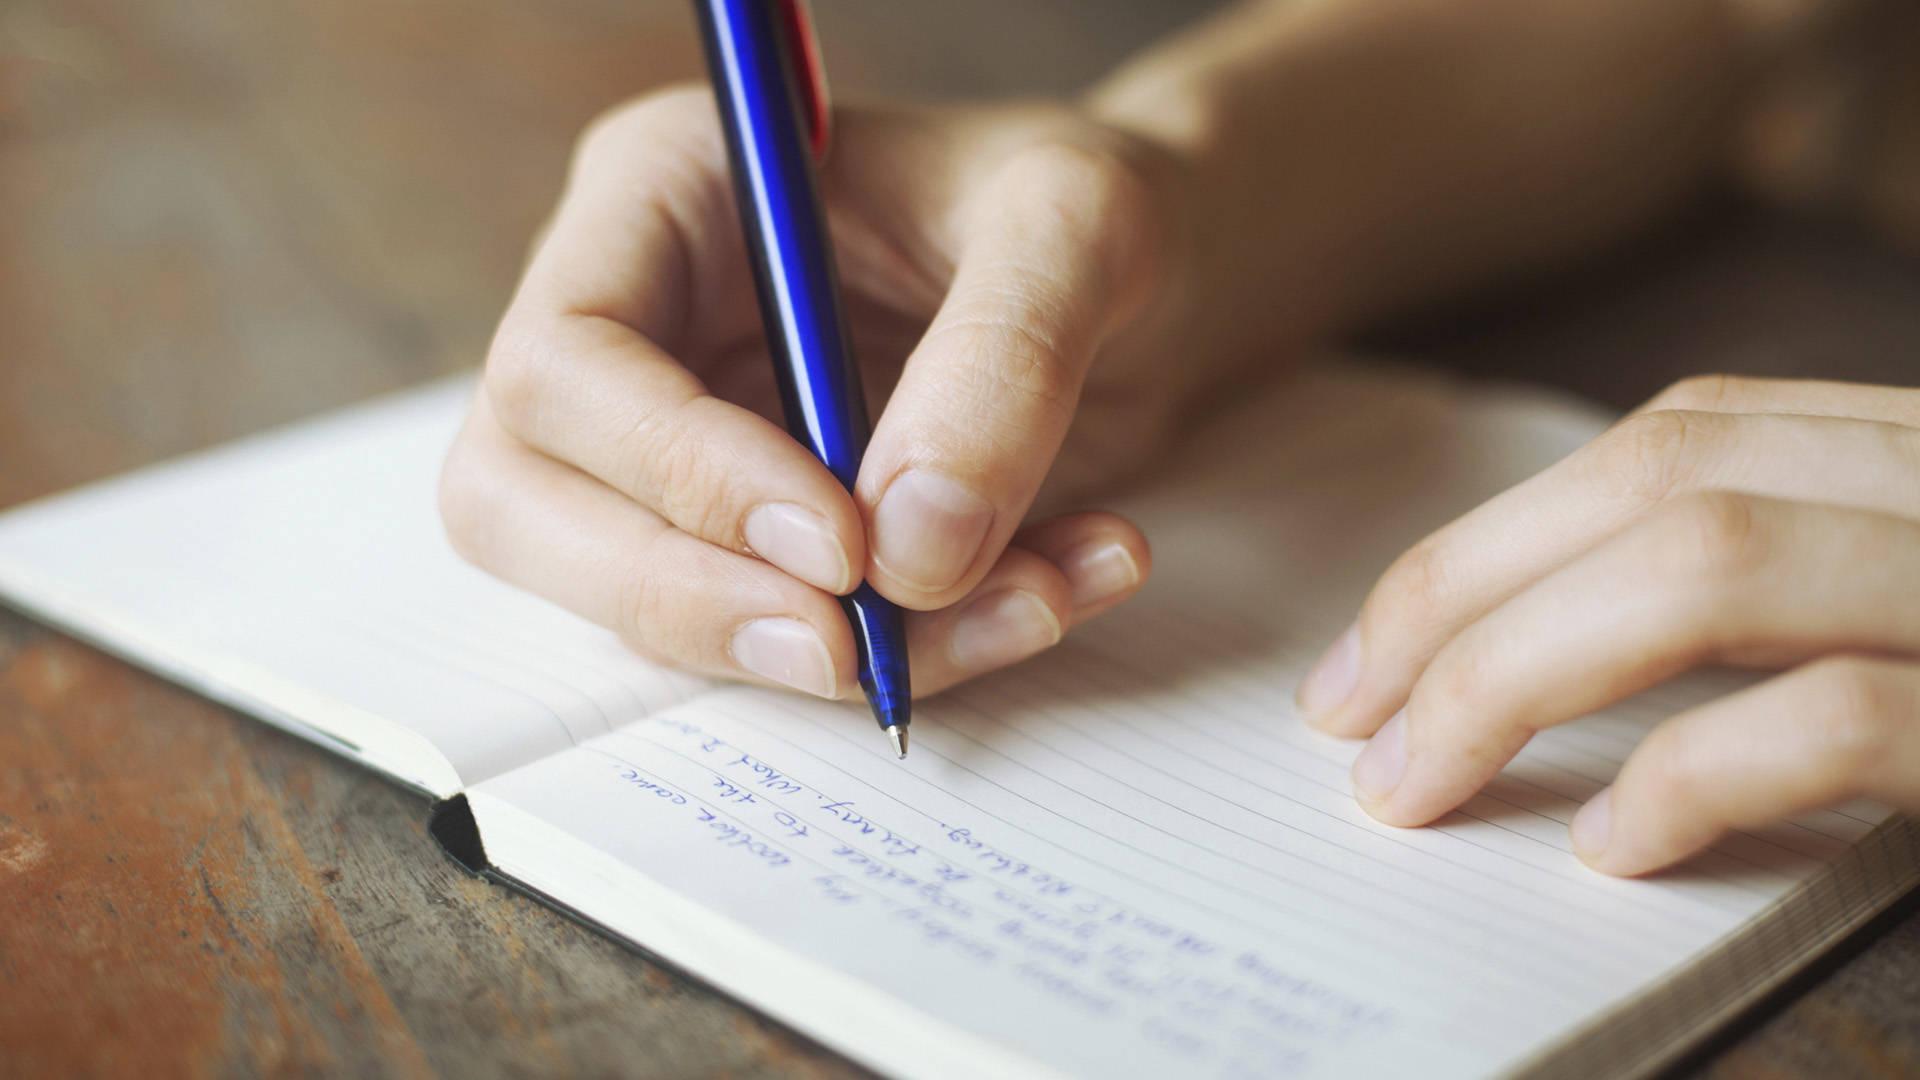 всего картинки человек пишет ручкой проектов